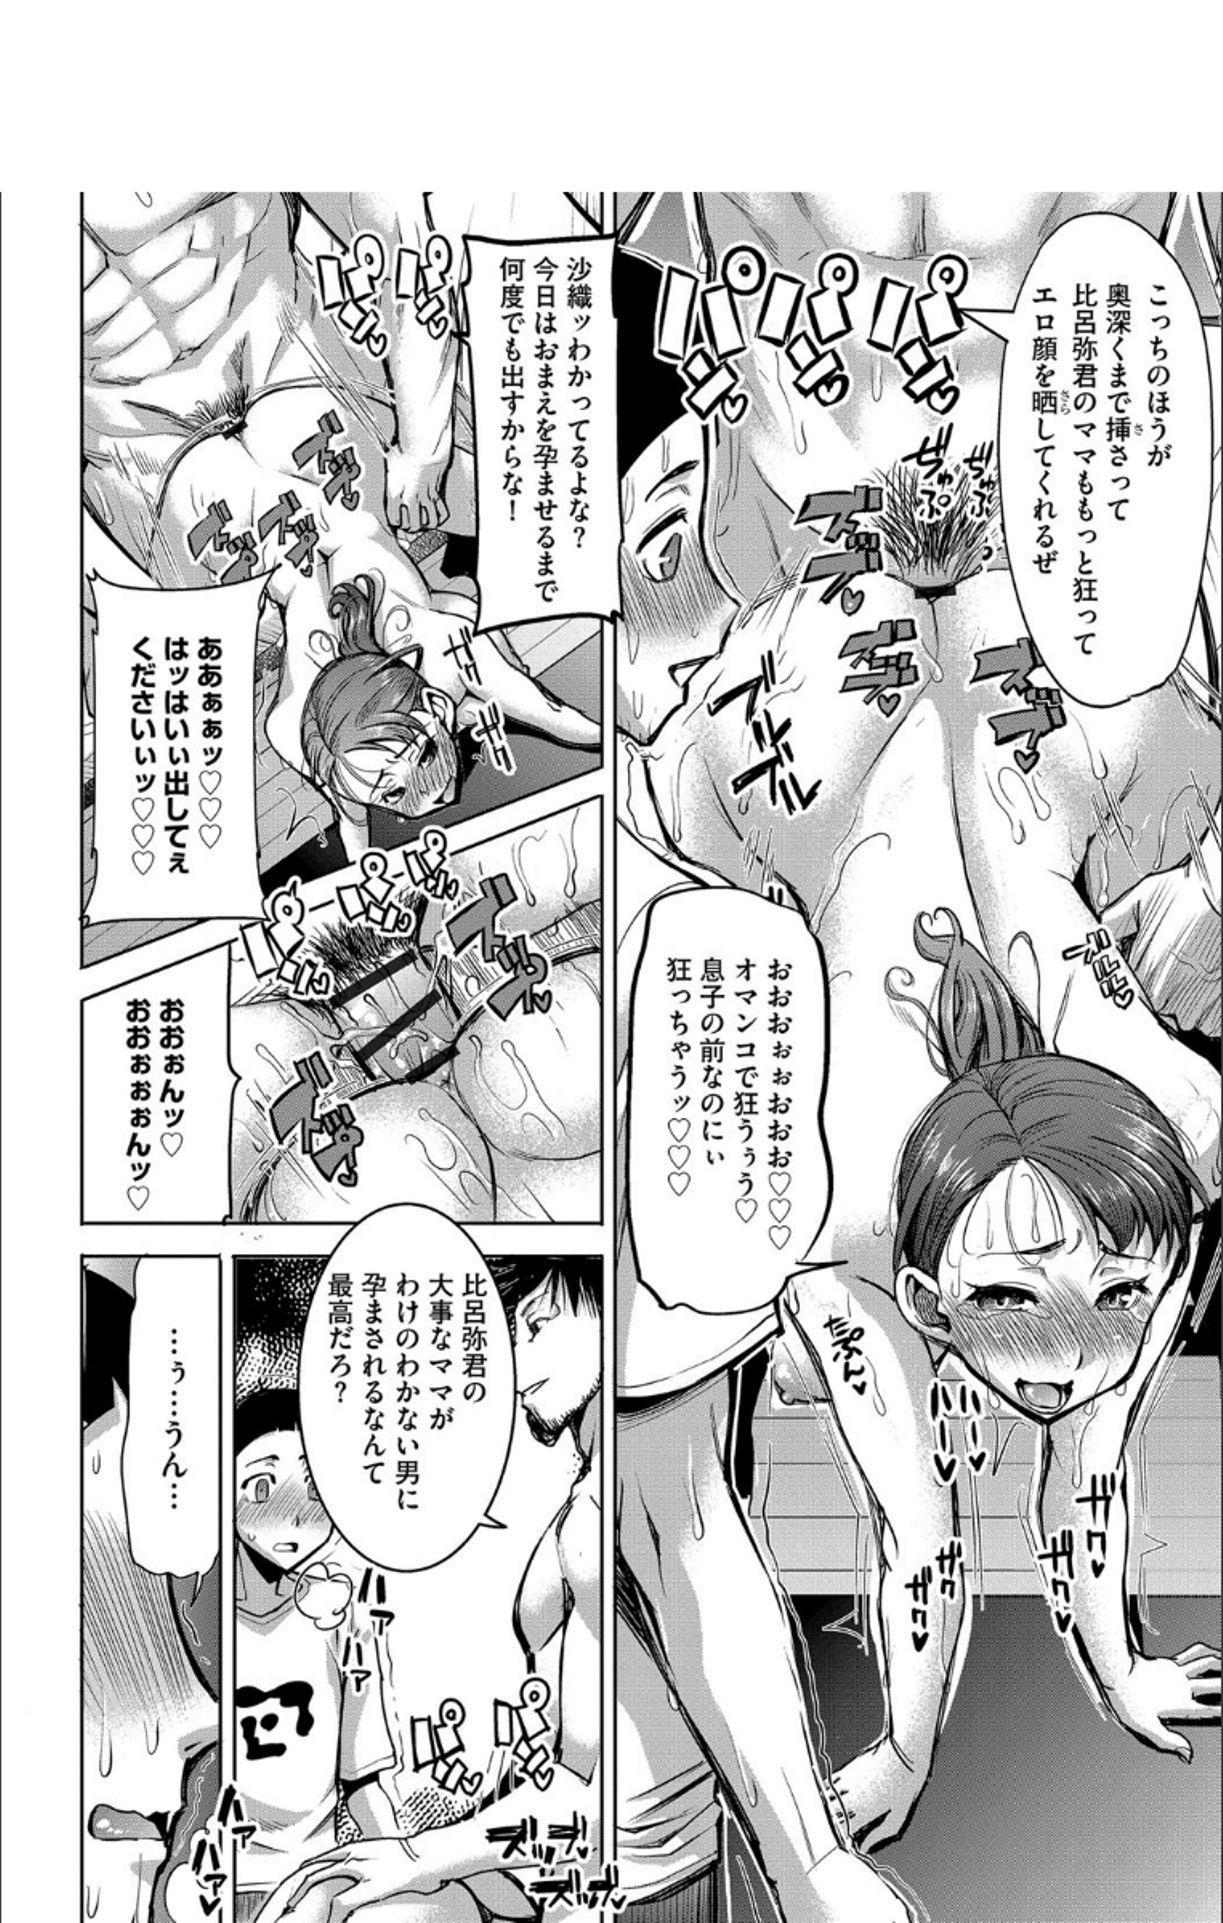 Boku no Kazoku o Sarashimasu + DMM Gentei Tokuten Paper 154